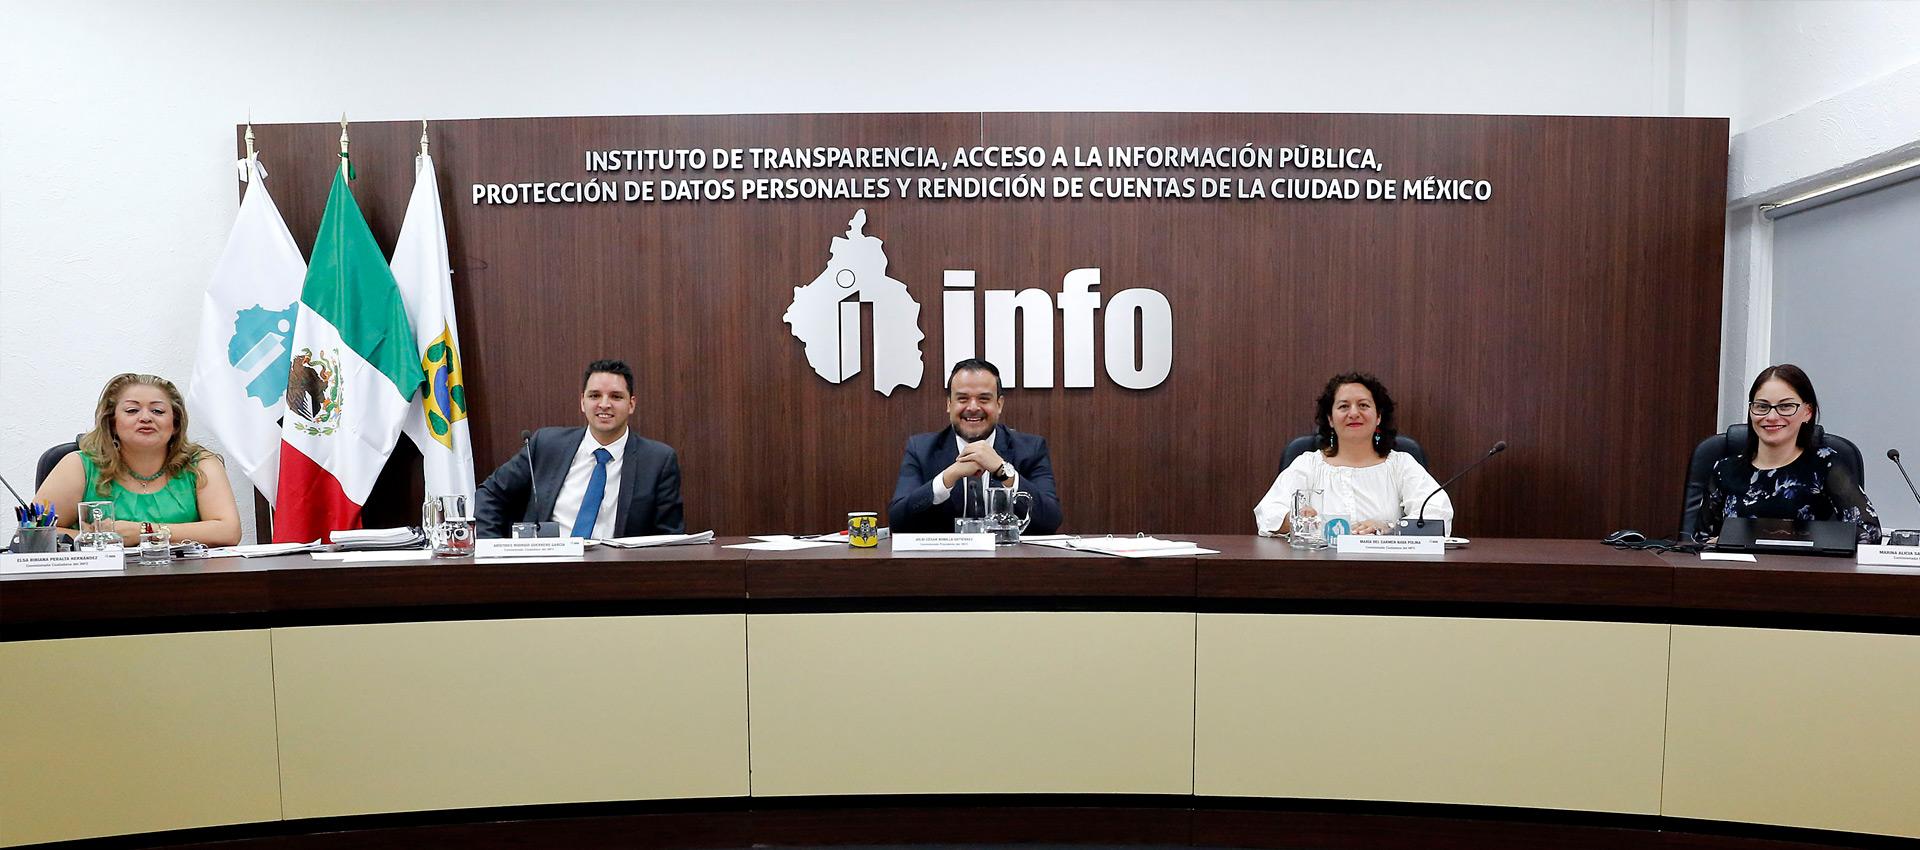 INFO ordena al Congreso de la CDMX buscar información sobre la autorización de Recursos para la Reconstrucción por parte de la extinta Asamblea Legislativa